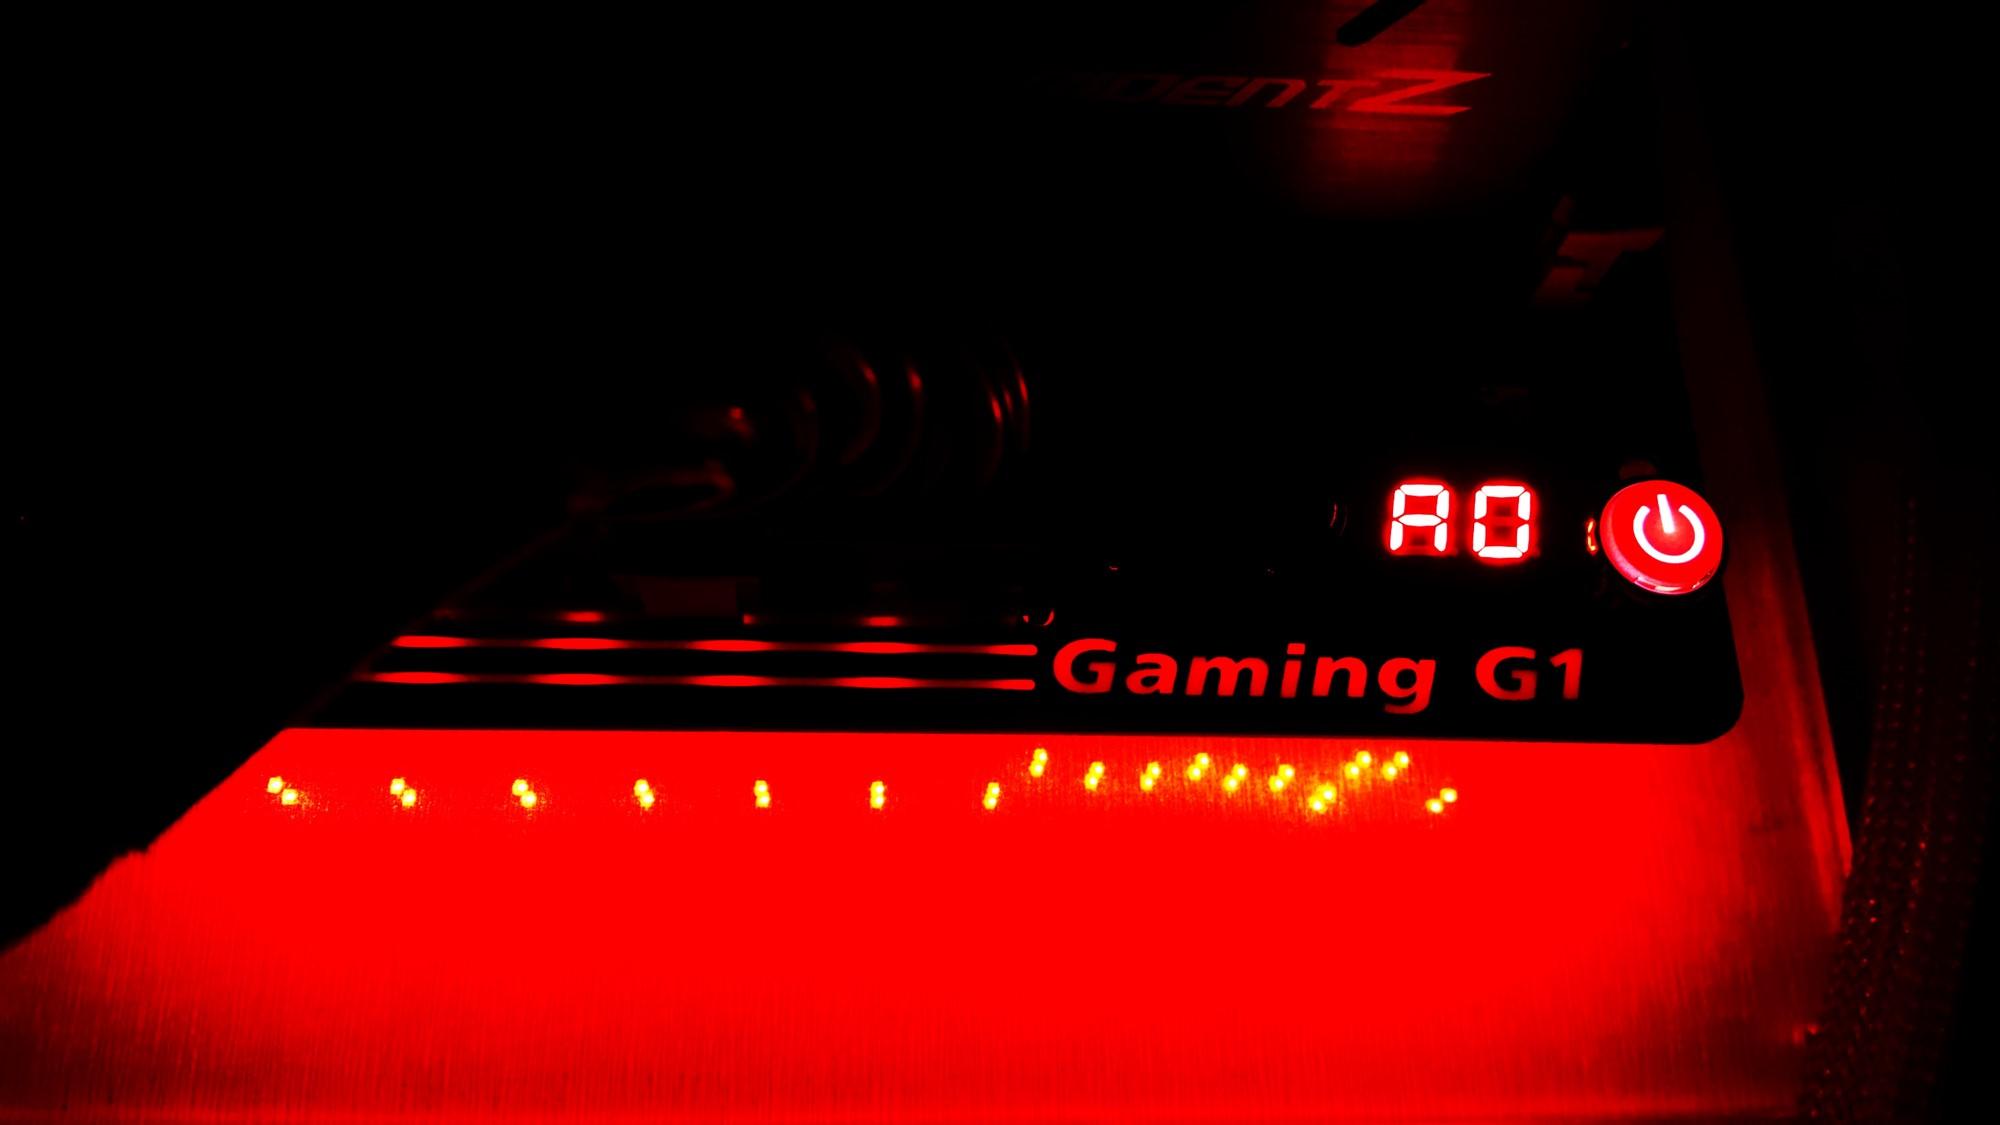 نظره على اغلي لوحه ام بي شريحه z170 من gaming g1 gigabyte بي سعر473 $